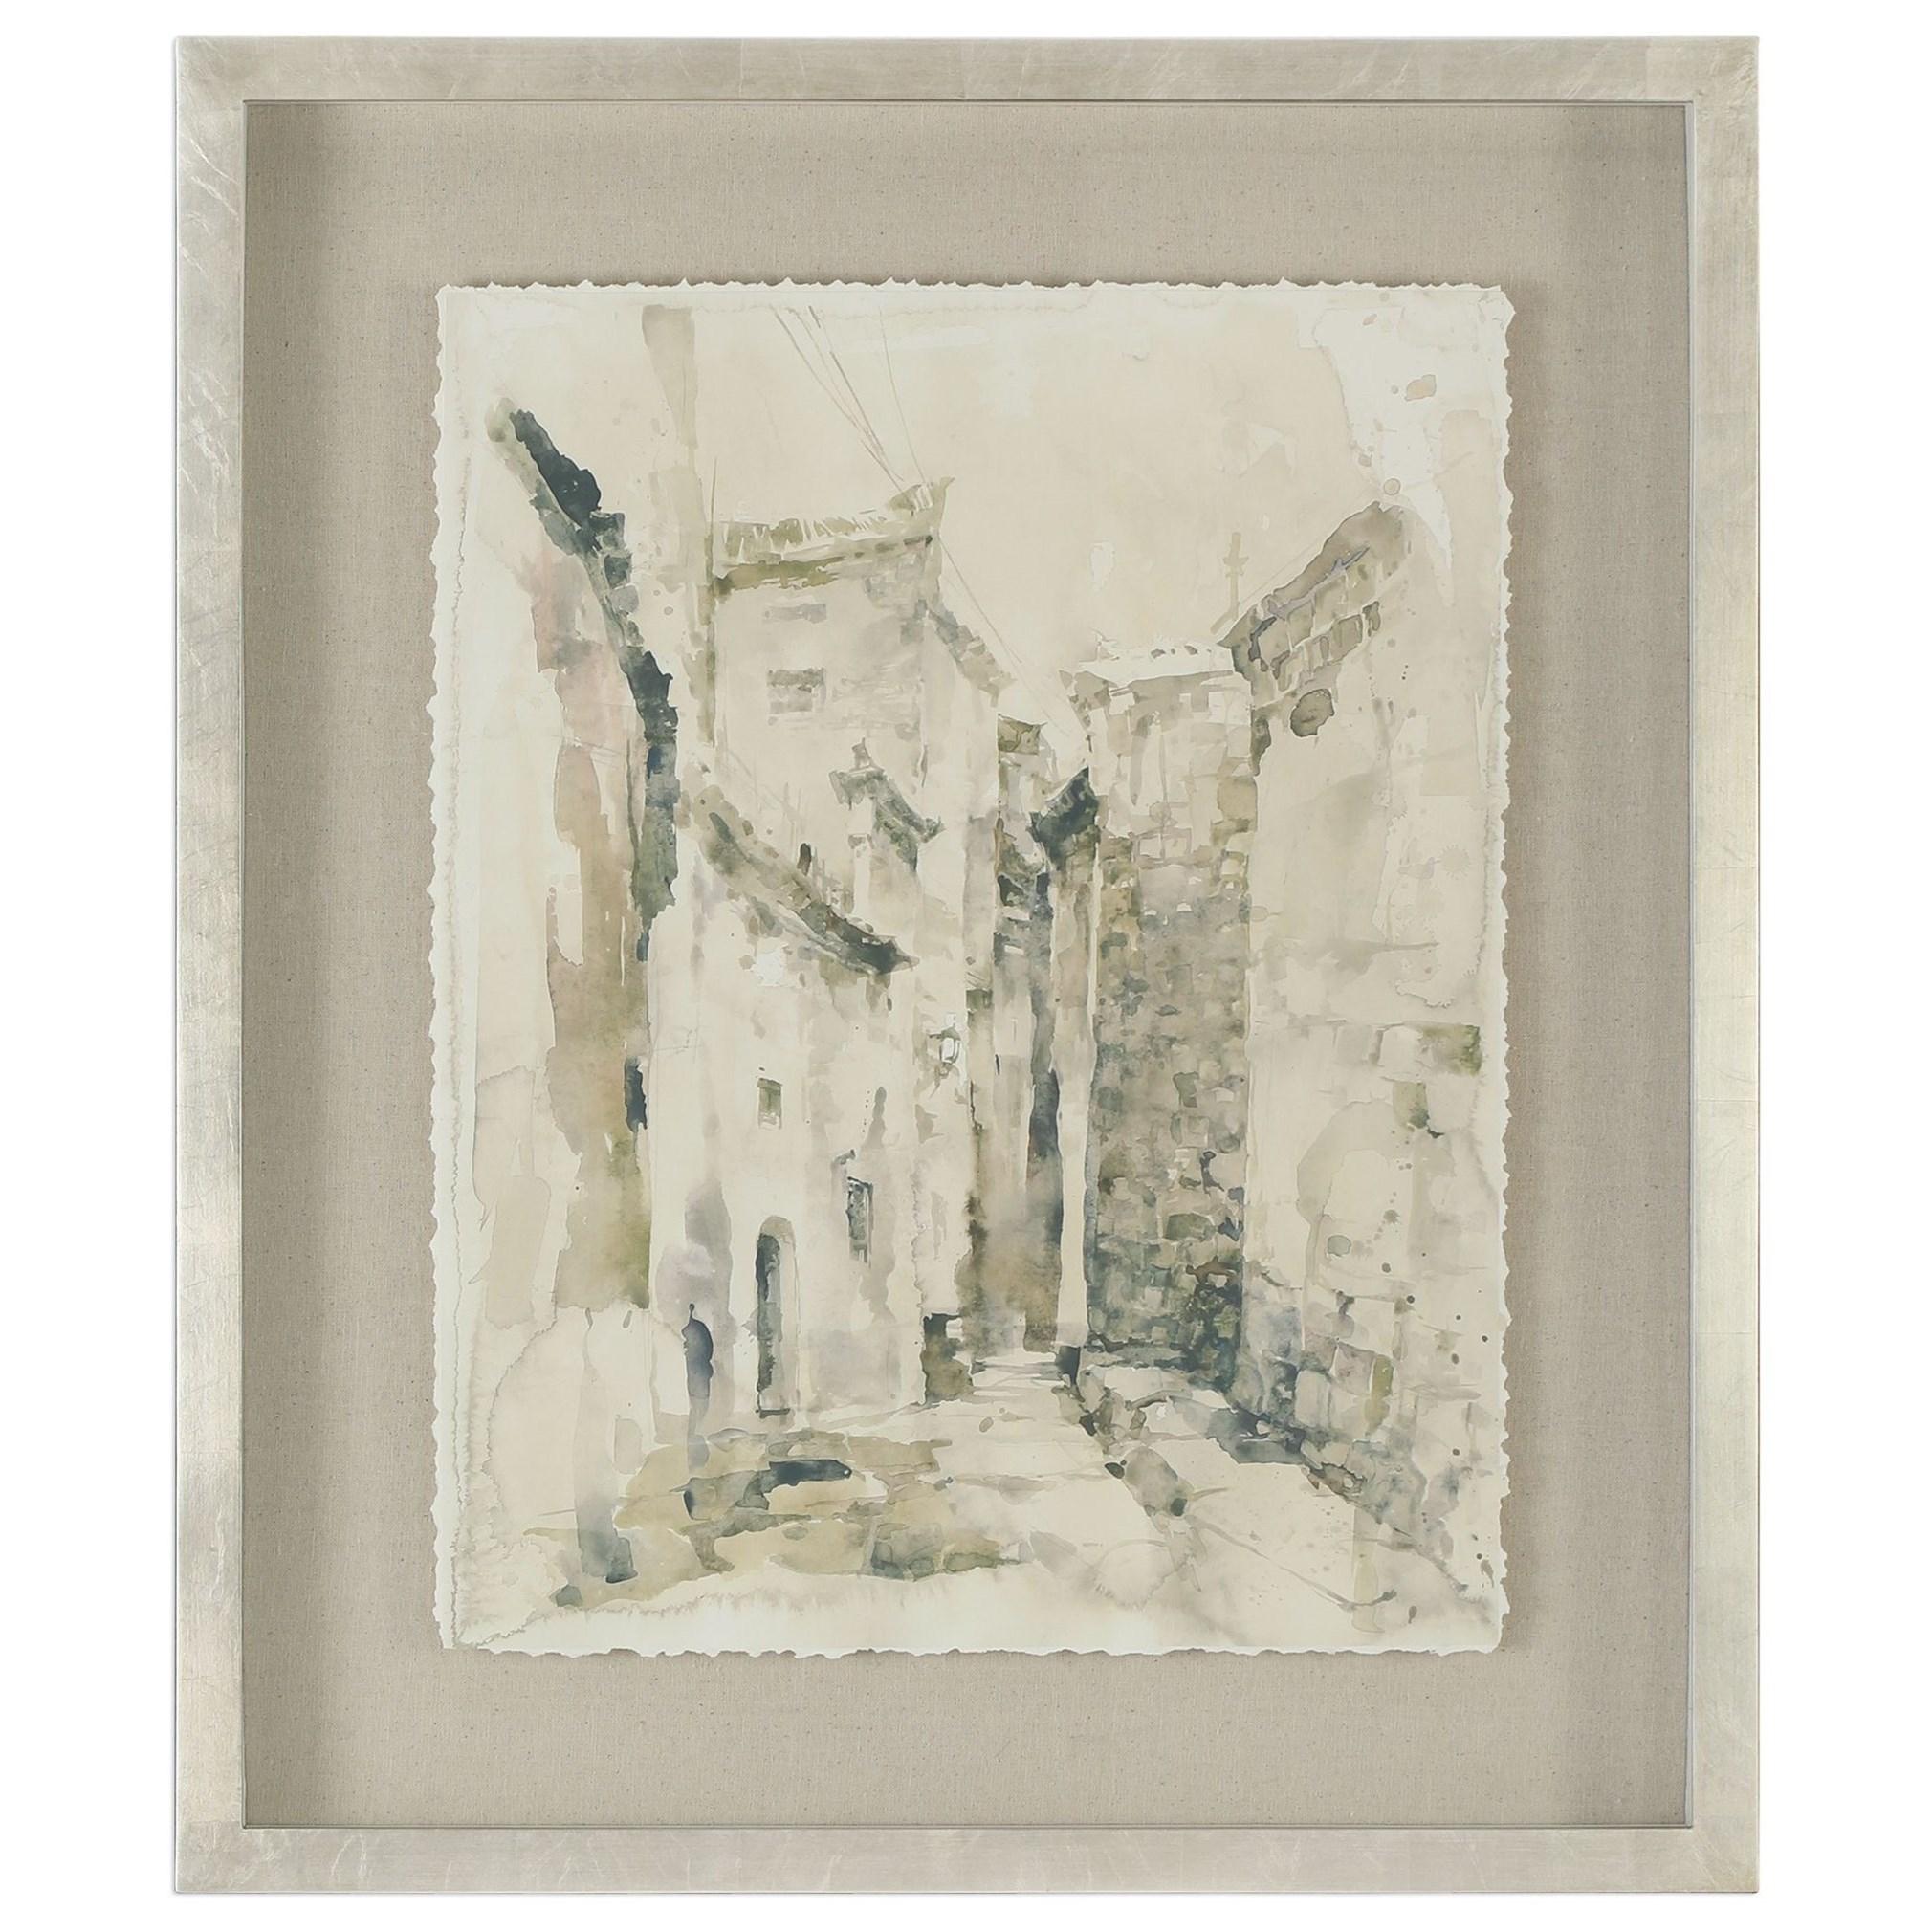 Framed Prints Alley Vintage Art by Uttermost at Mueller Furniture